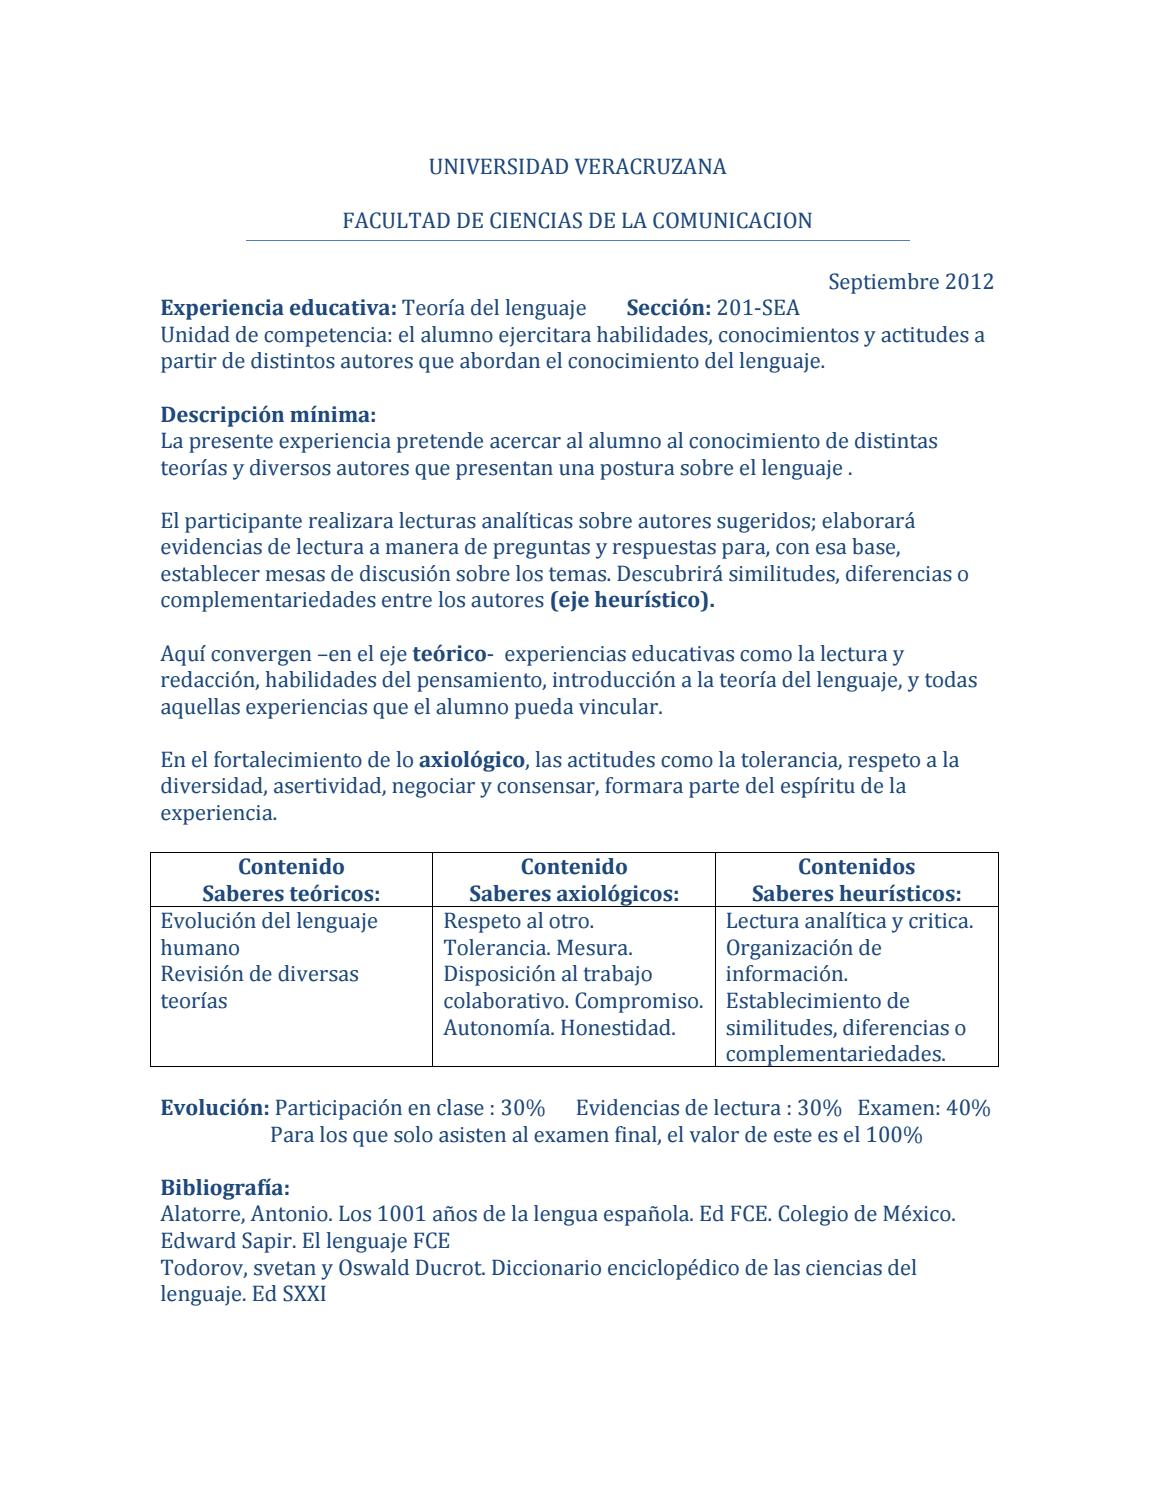 Antología de teoria del lenguaje by ComunicaciónSEA - issuu